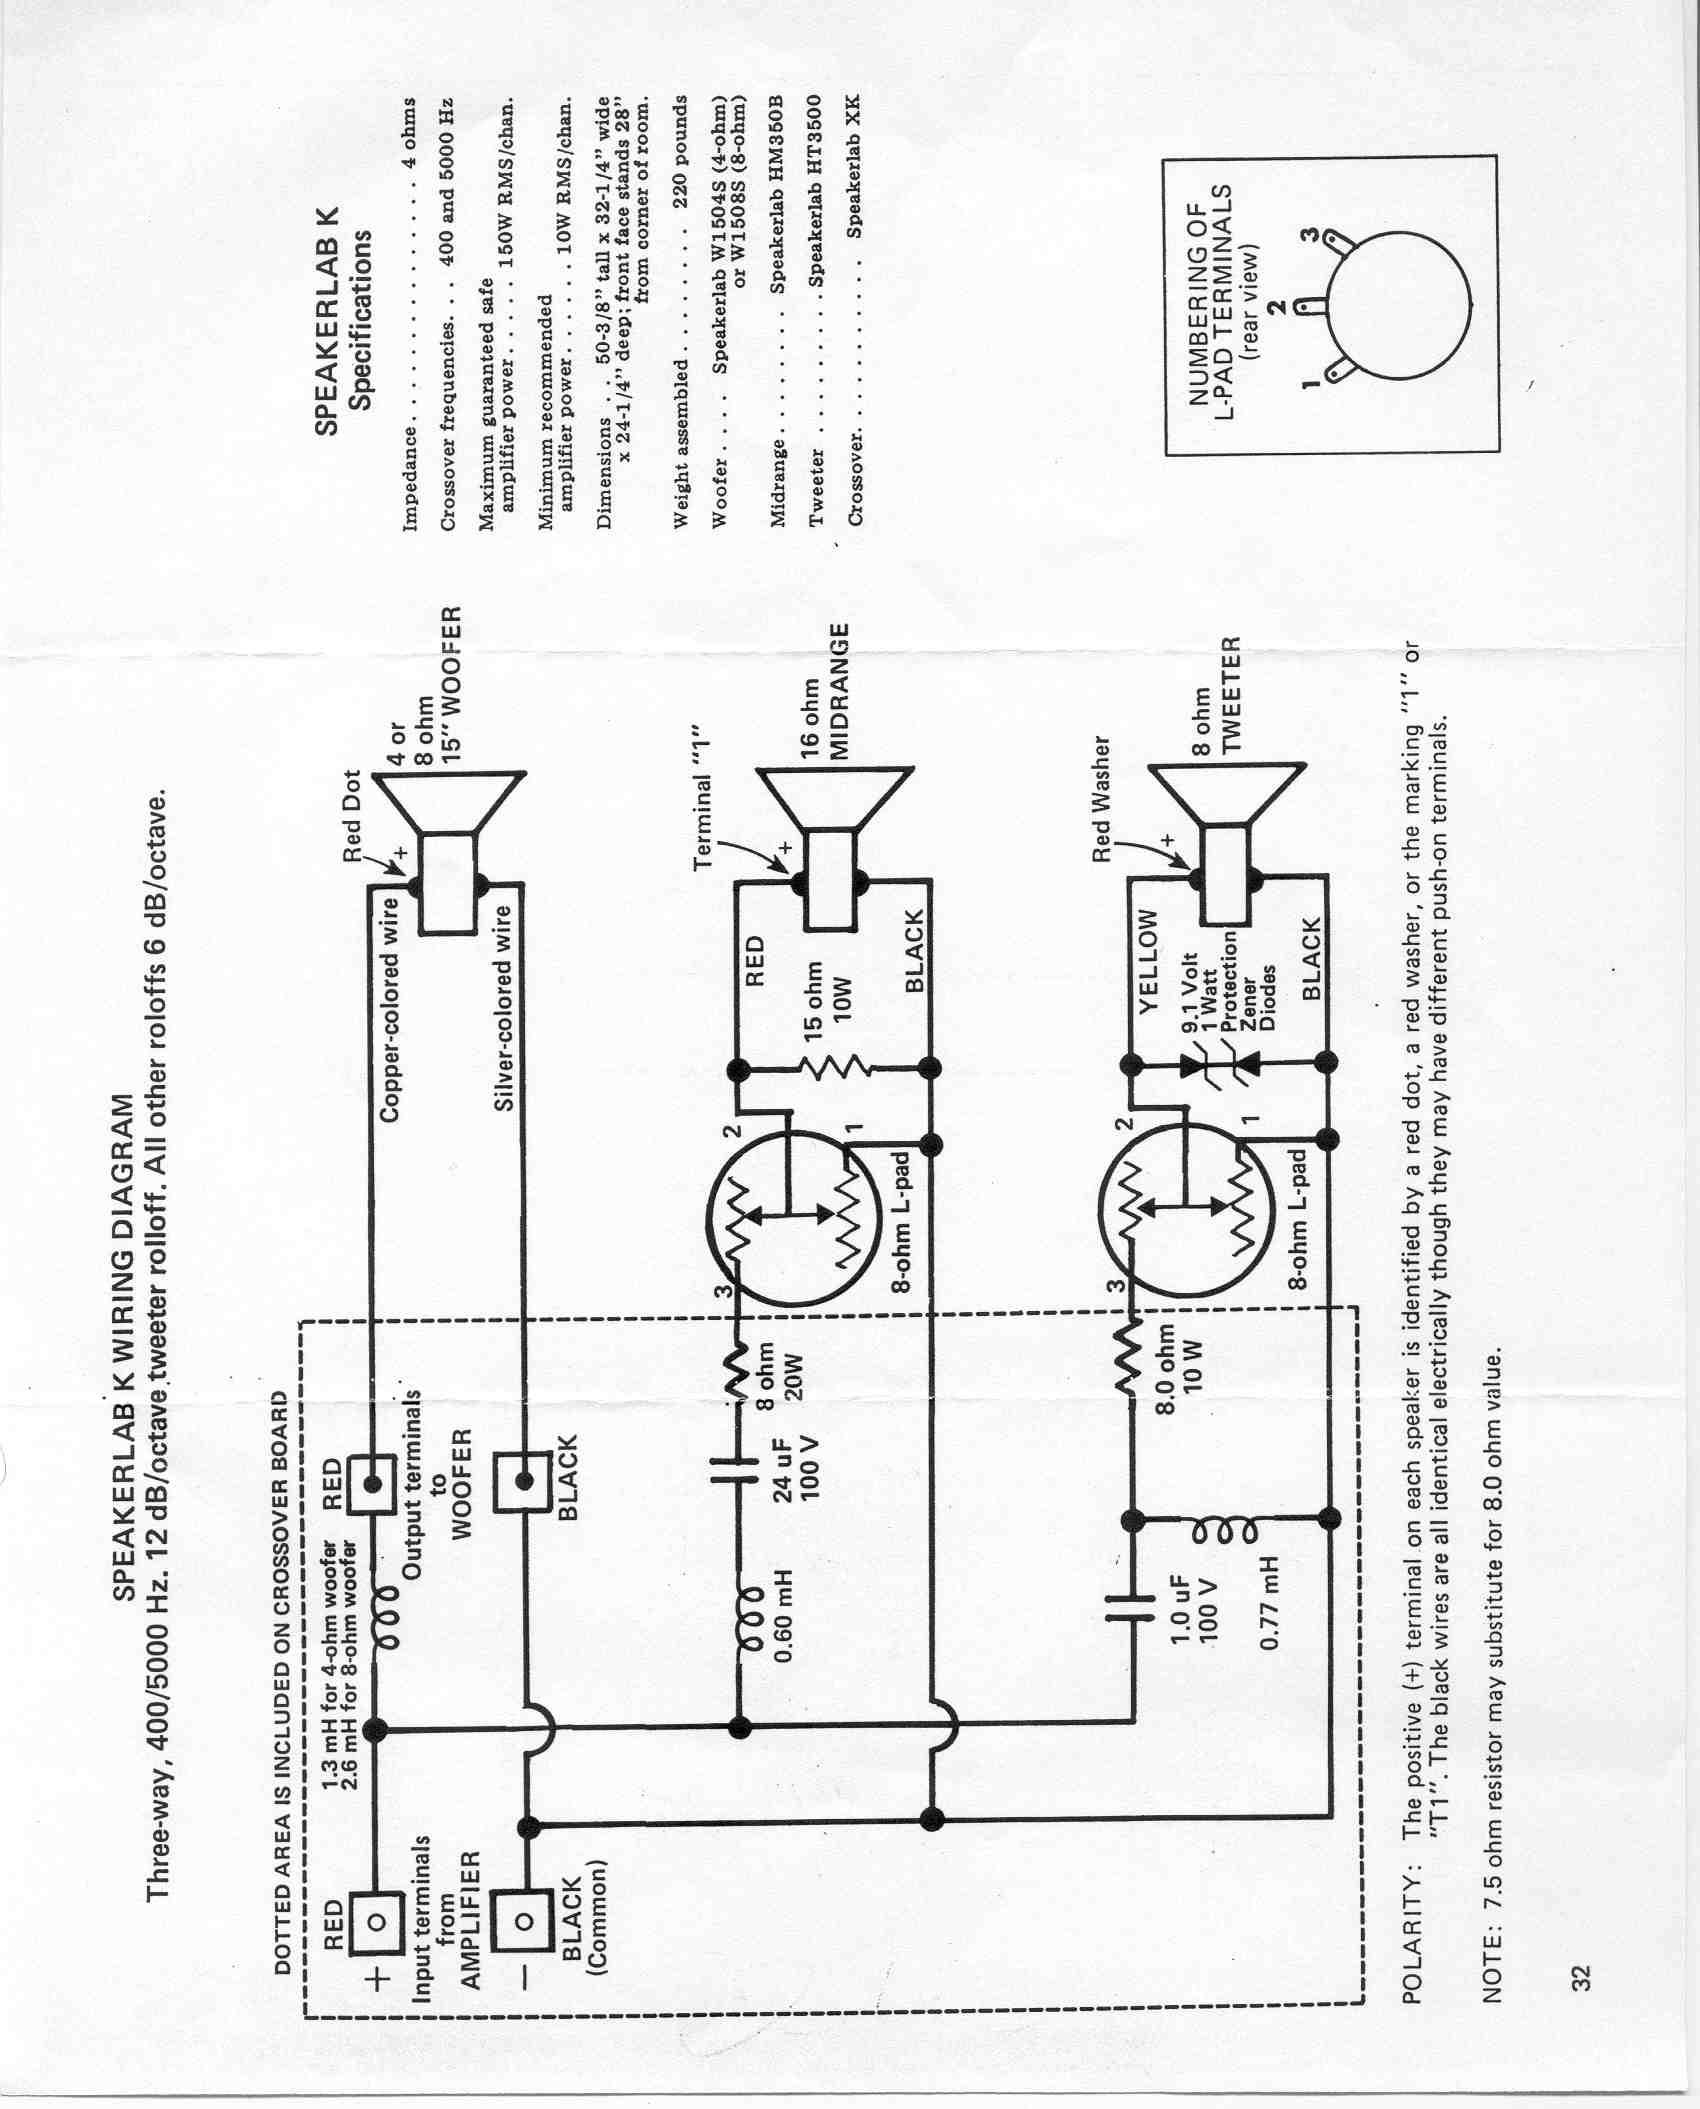 Speakerlab Networks